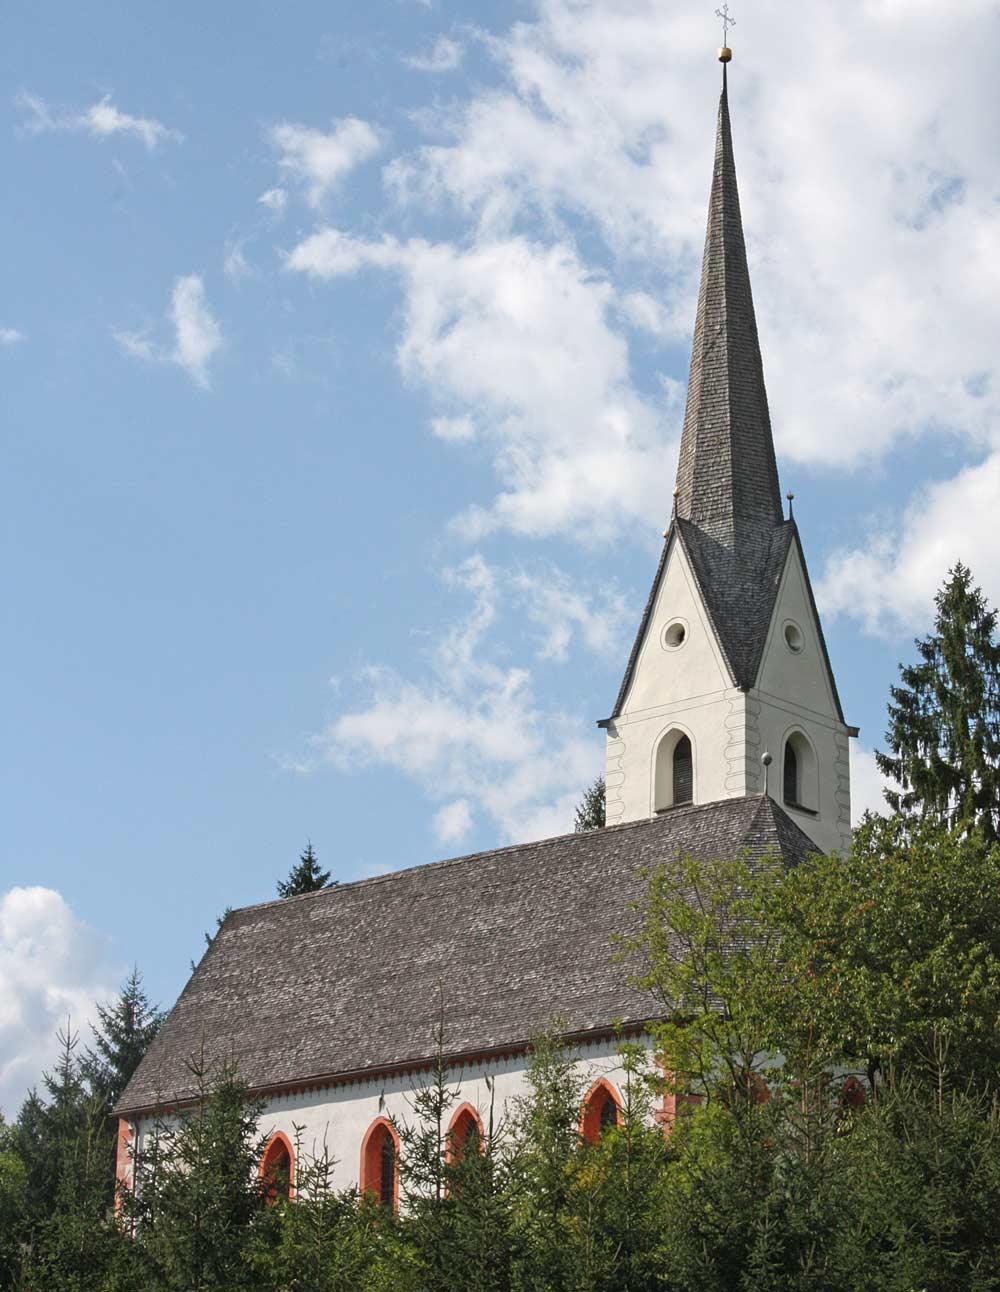 Filialkirche St. Chrysanthen in Nikolsdorf-Nörsach